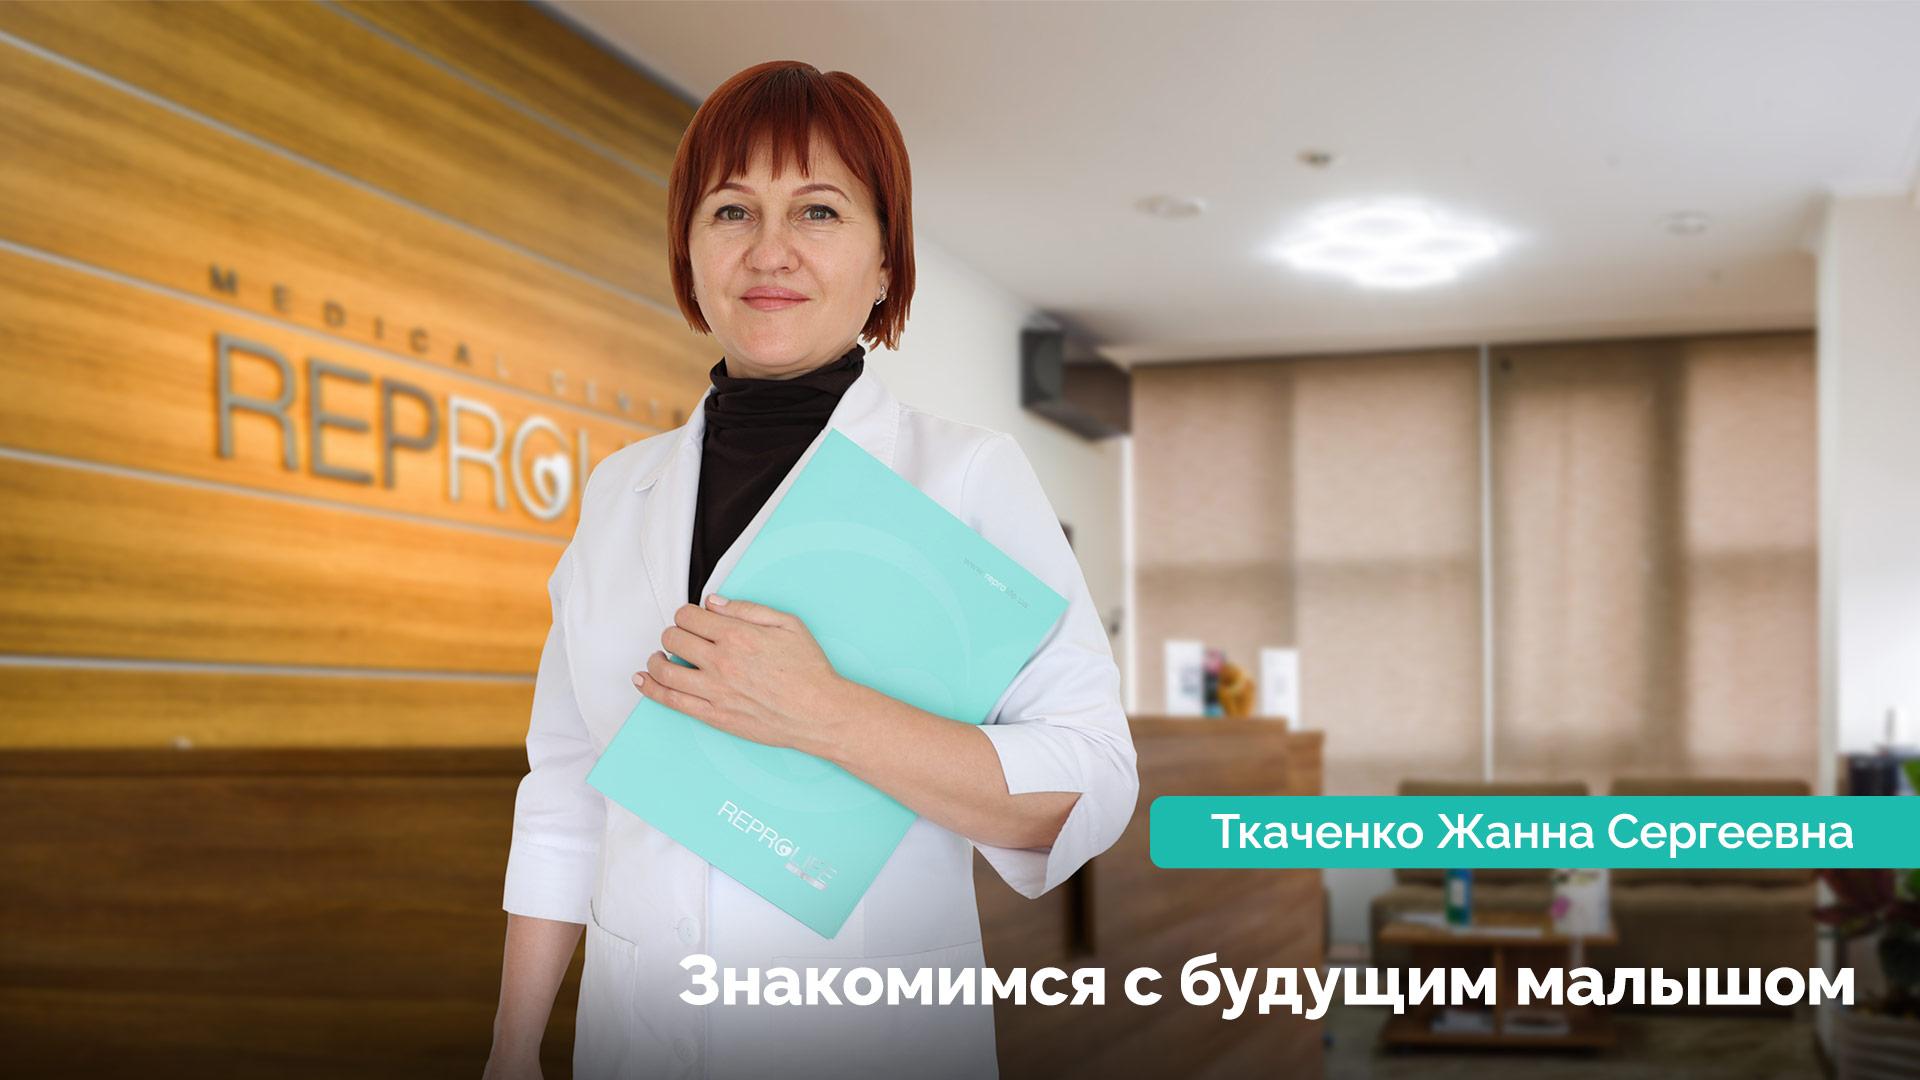 Знакомимся с будущим малышом. Ткаченко Жанна Сергеевна